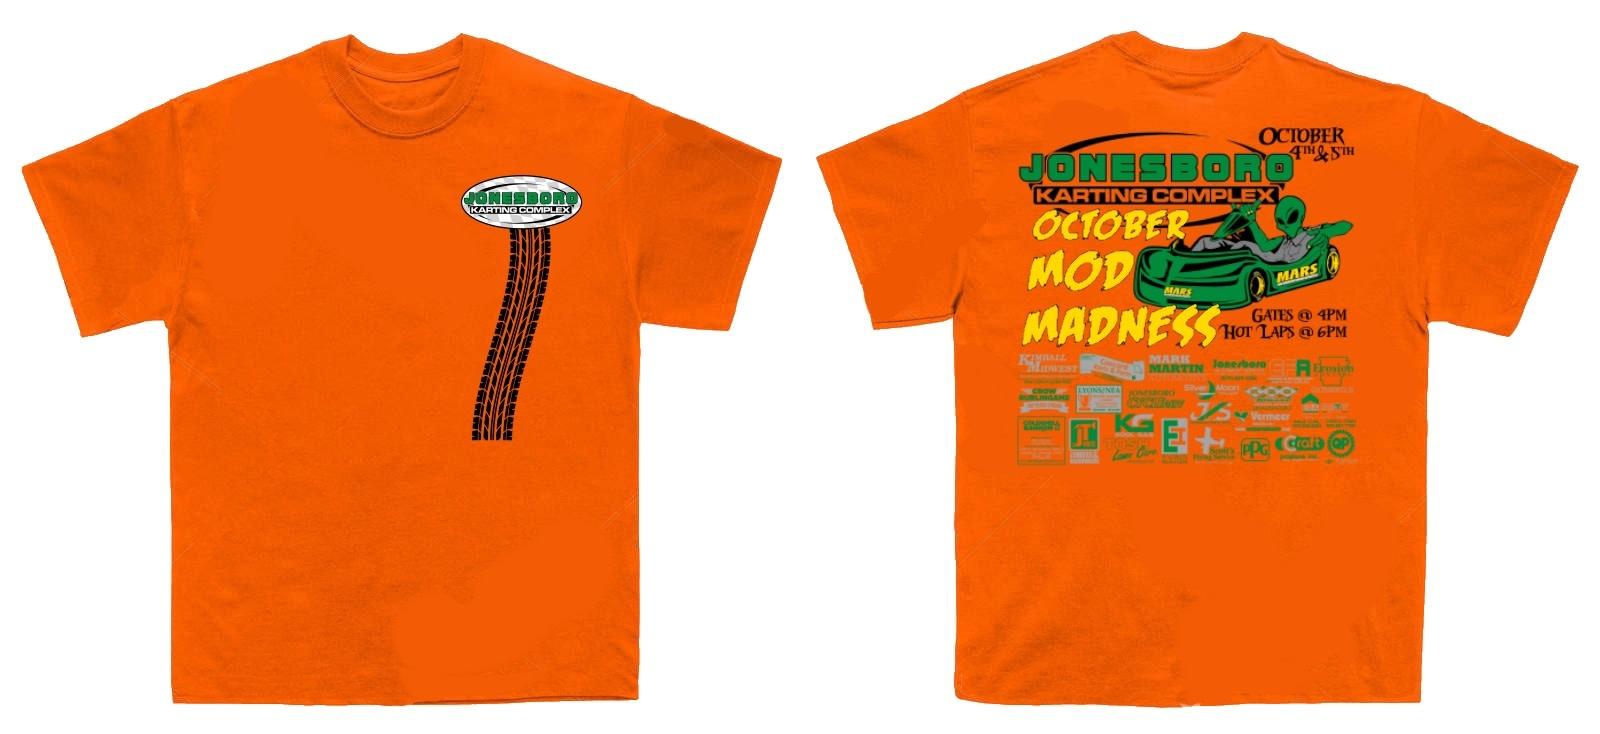 (preorder) 2019 Pro Mod Madness Shirt Adult Med Orange